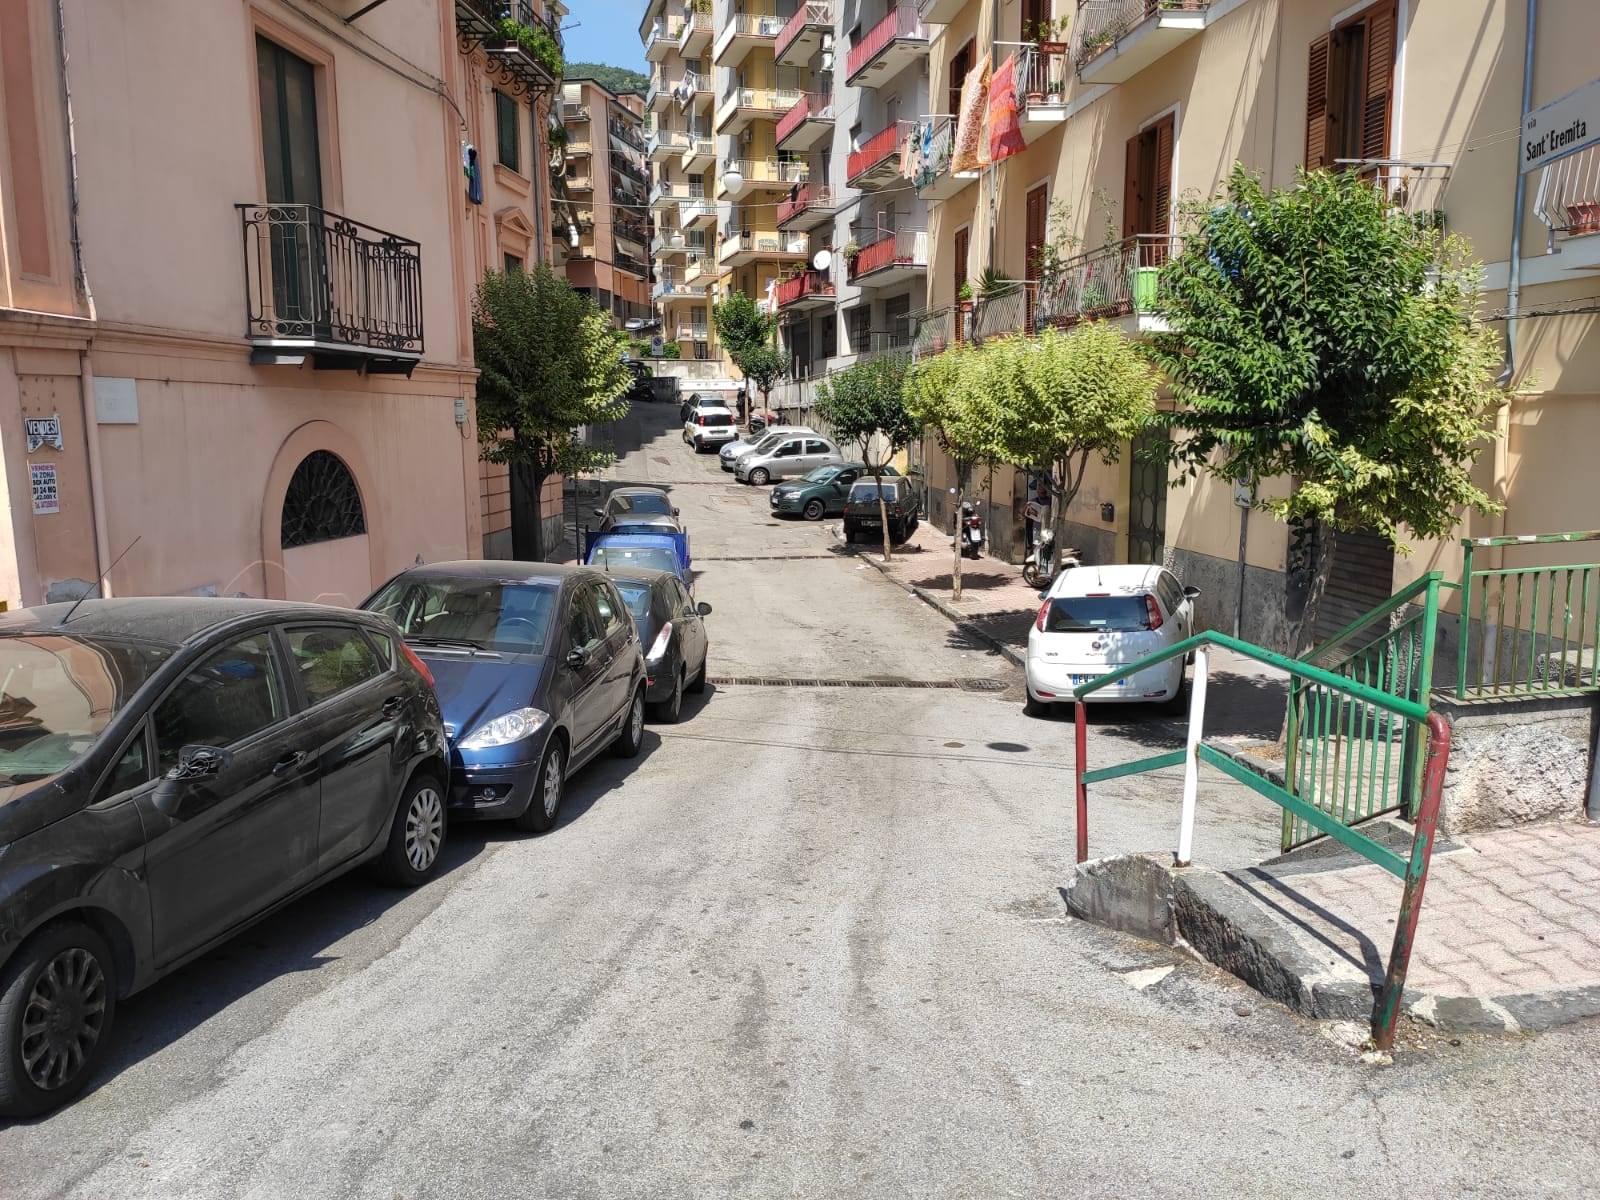 Box / Garage in vendita a Salerno, 1 locali, zona Zona: Centro, prezzo € 49.500 | CambioCasa.it